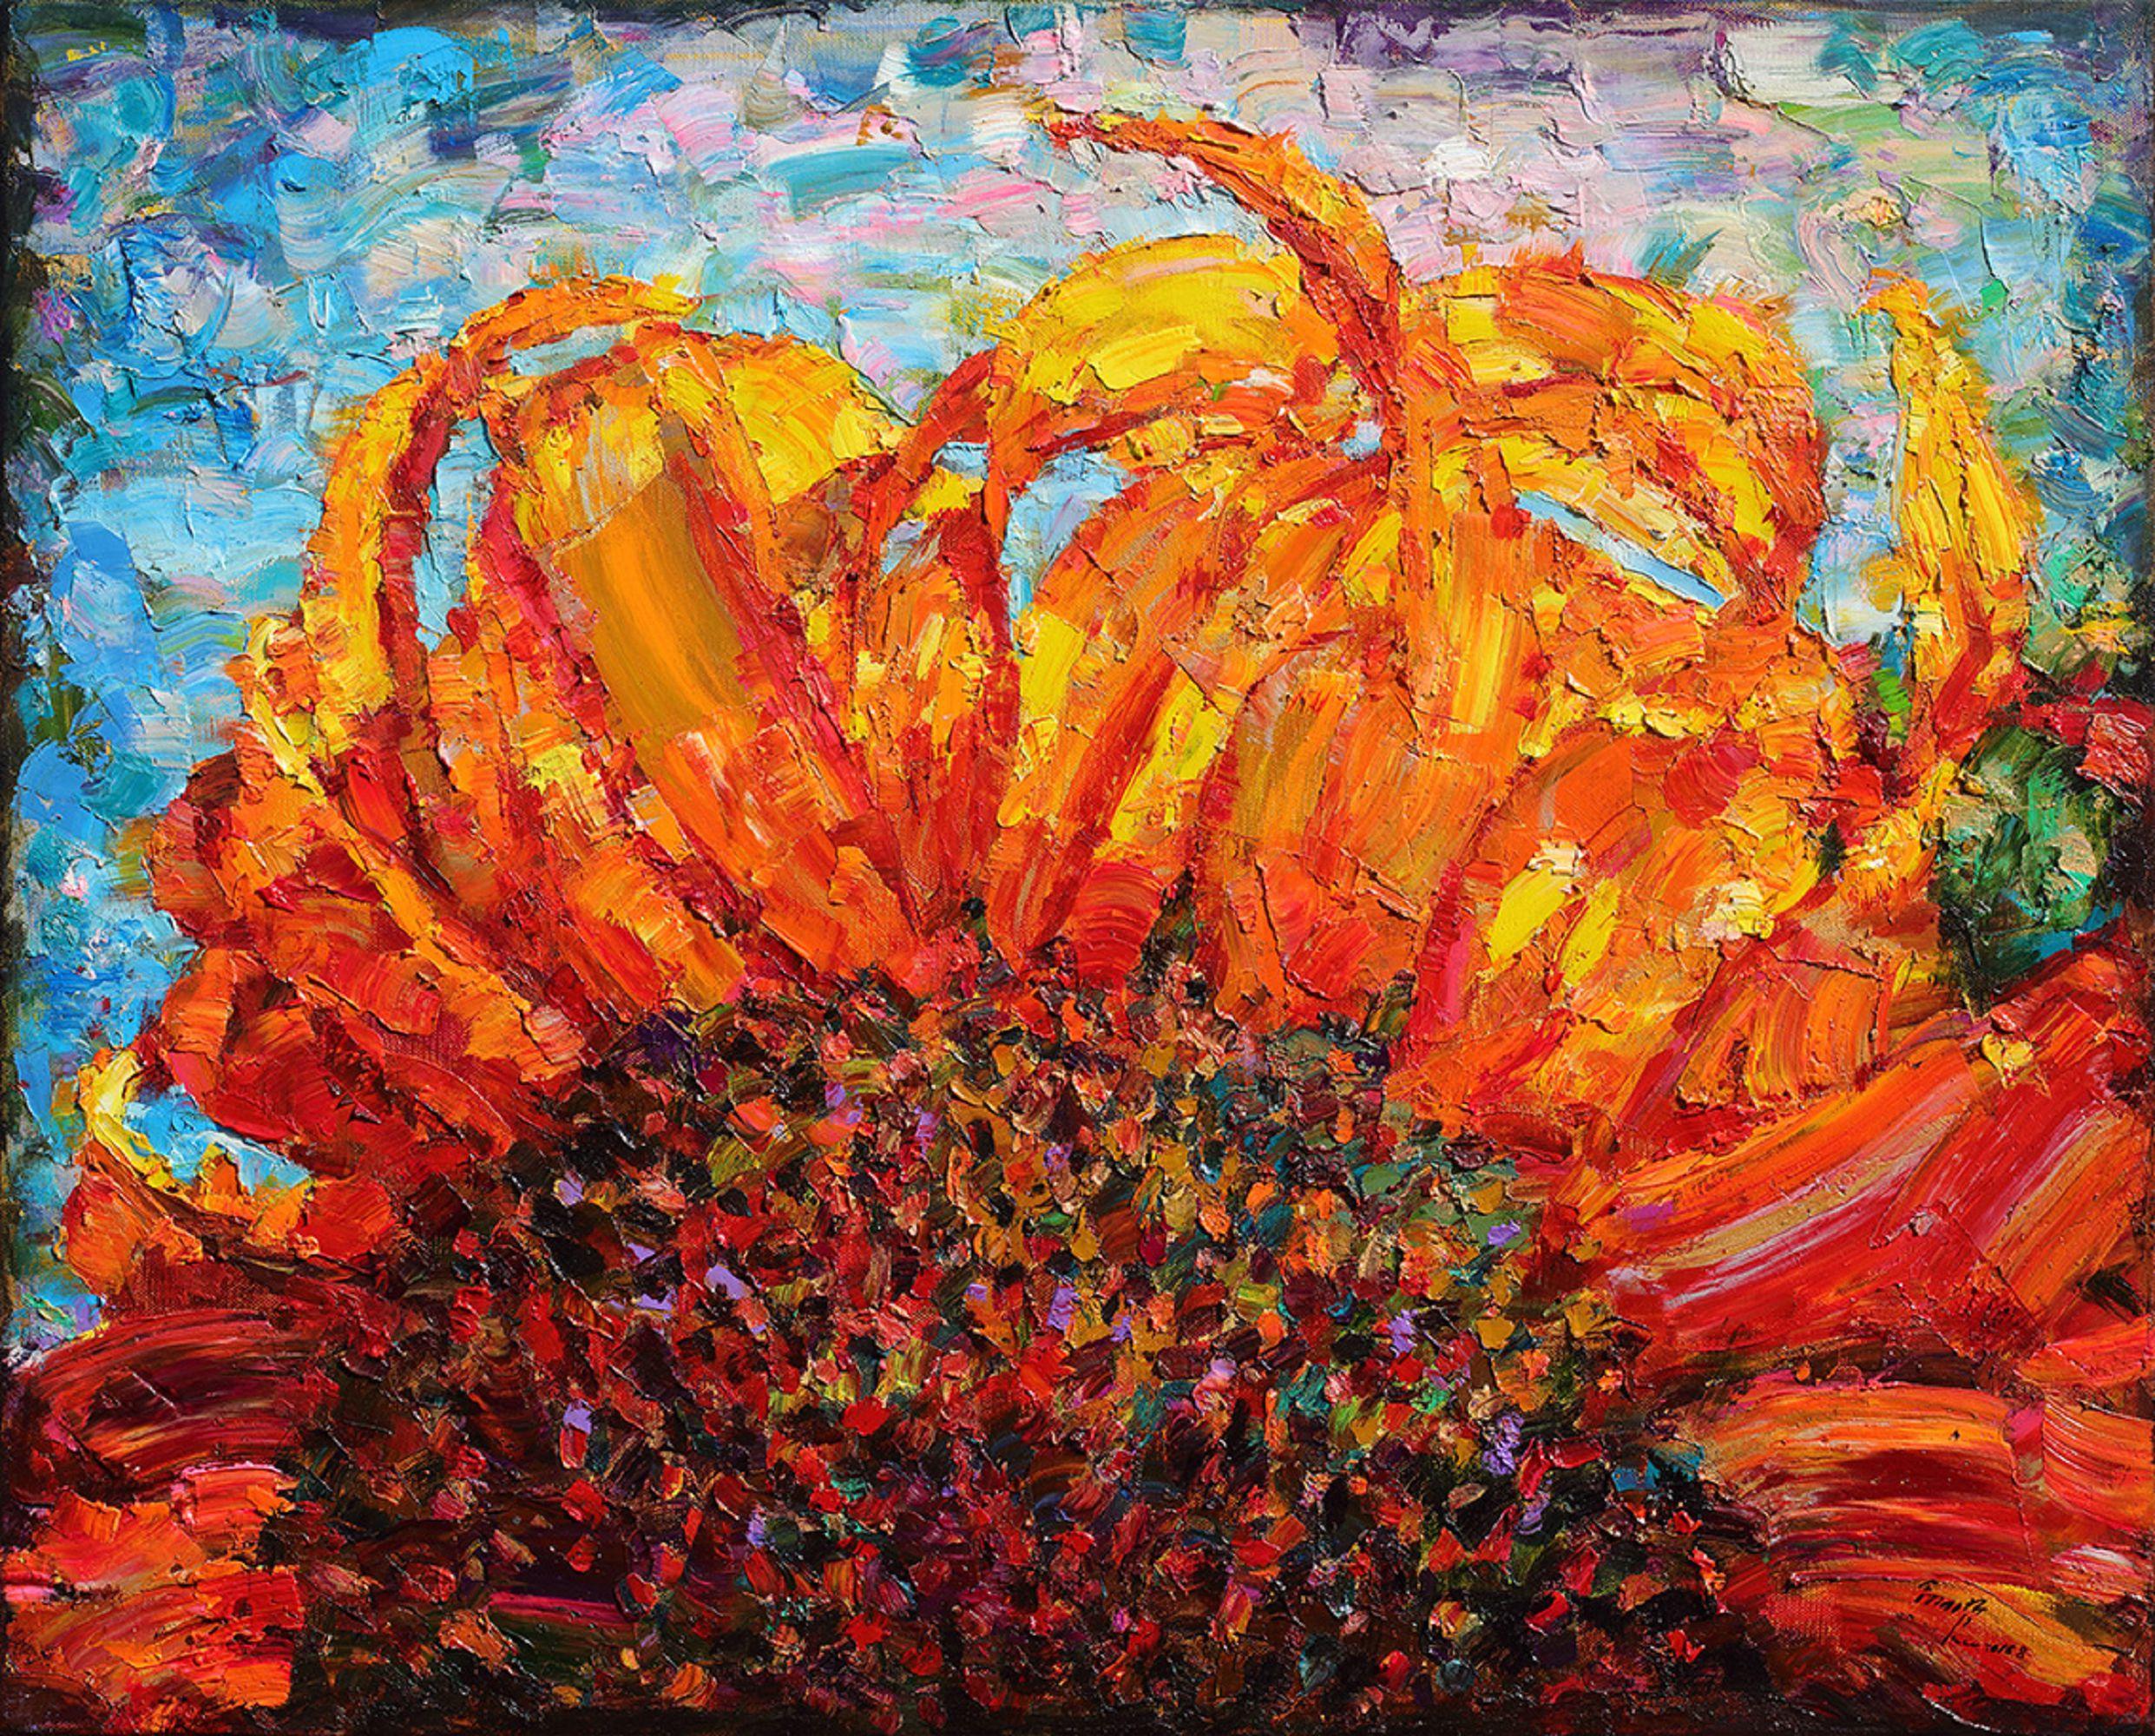 翁明哲 搖頭的向日葵 72.5×91cm 2016 油彩畫布